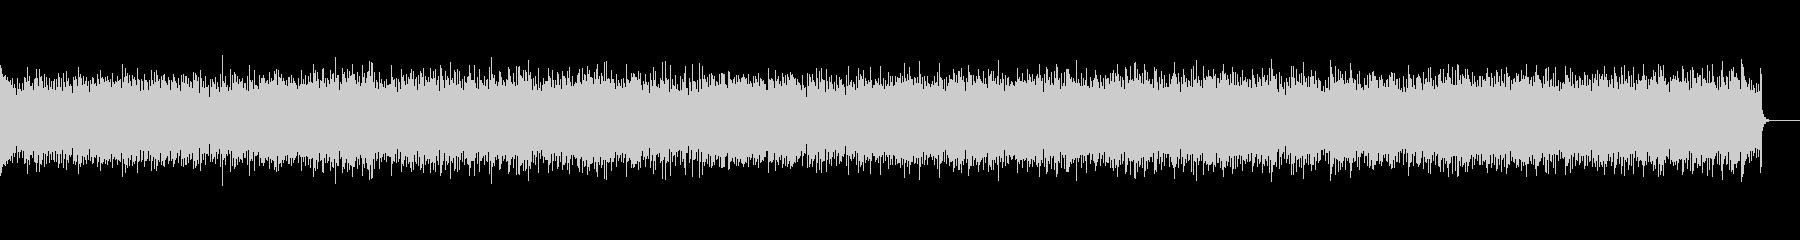 アコースティックセンチメンタル#37−1の未再生の波形